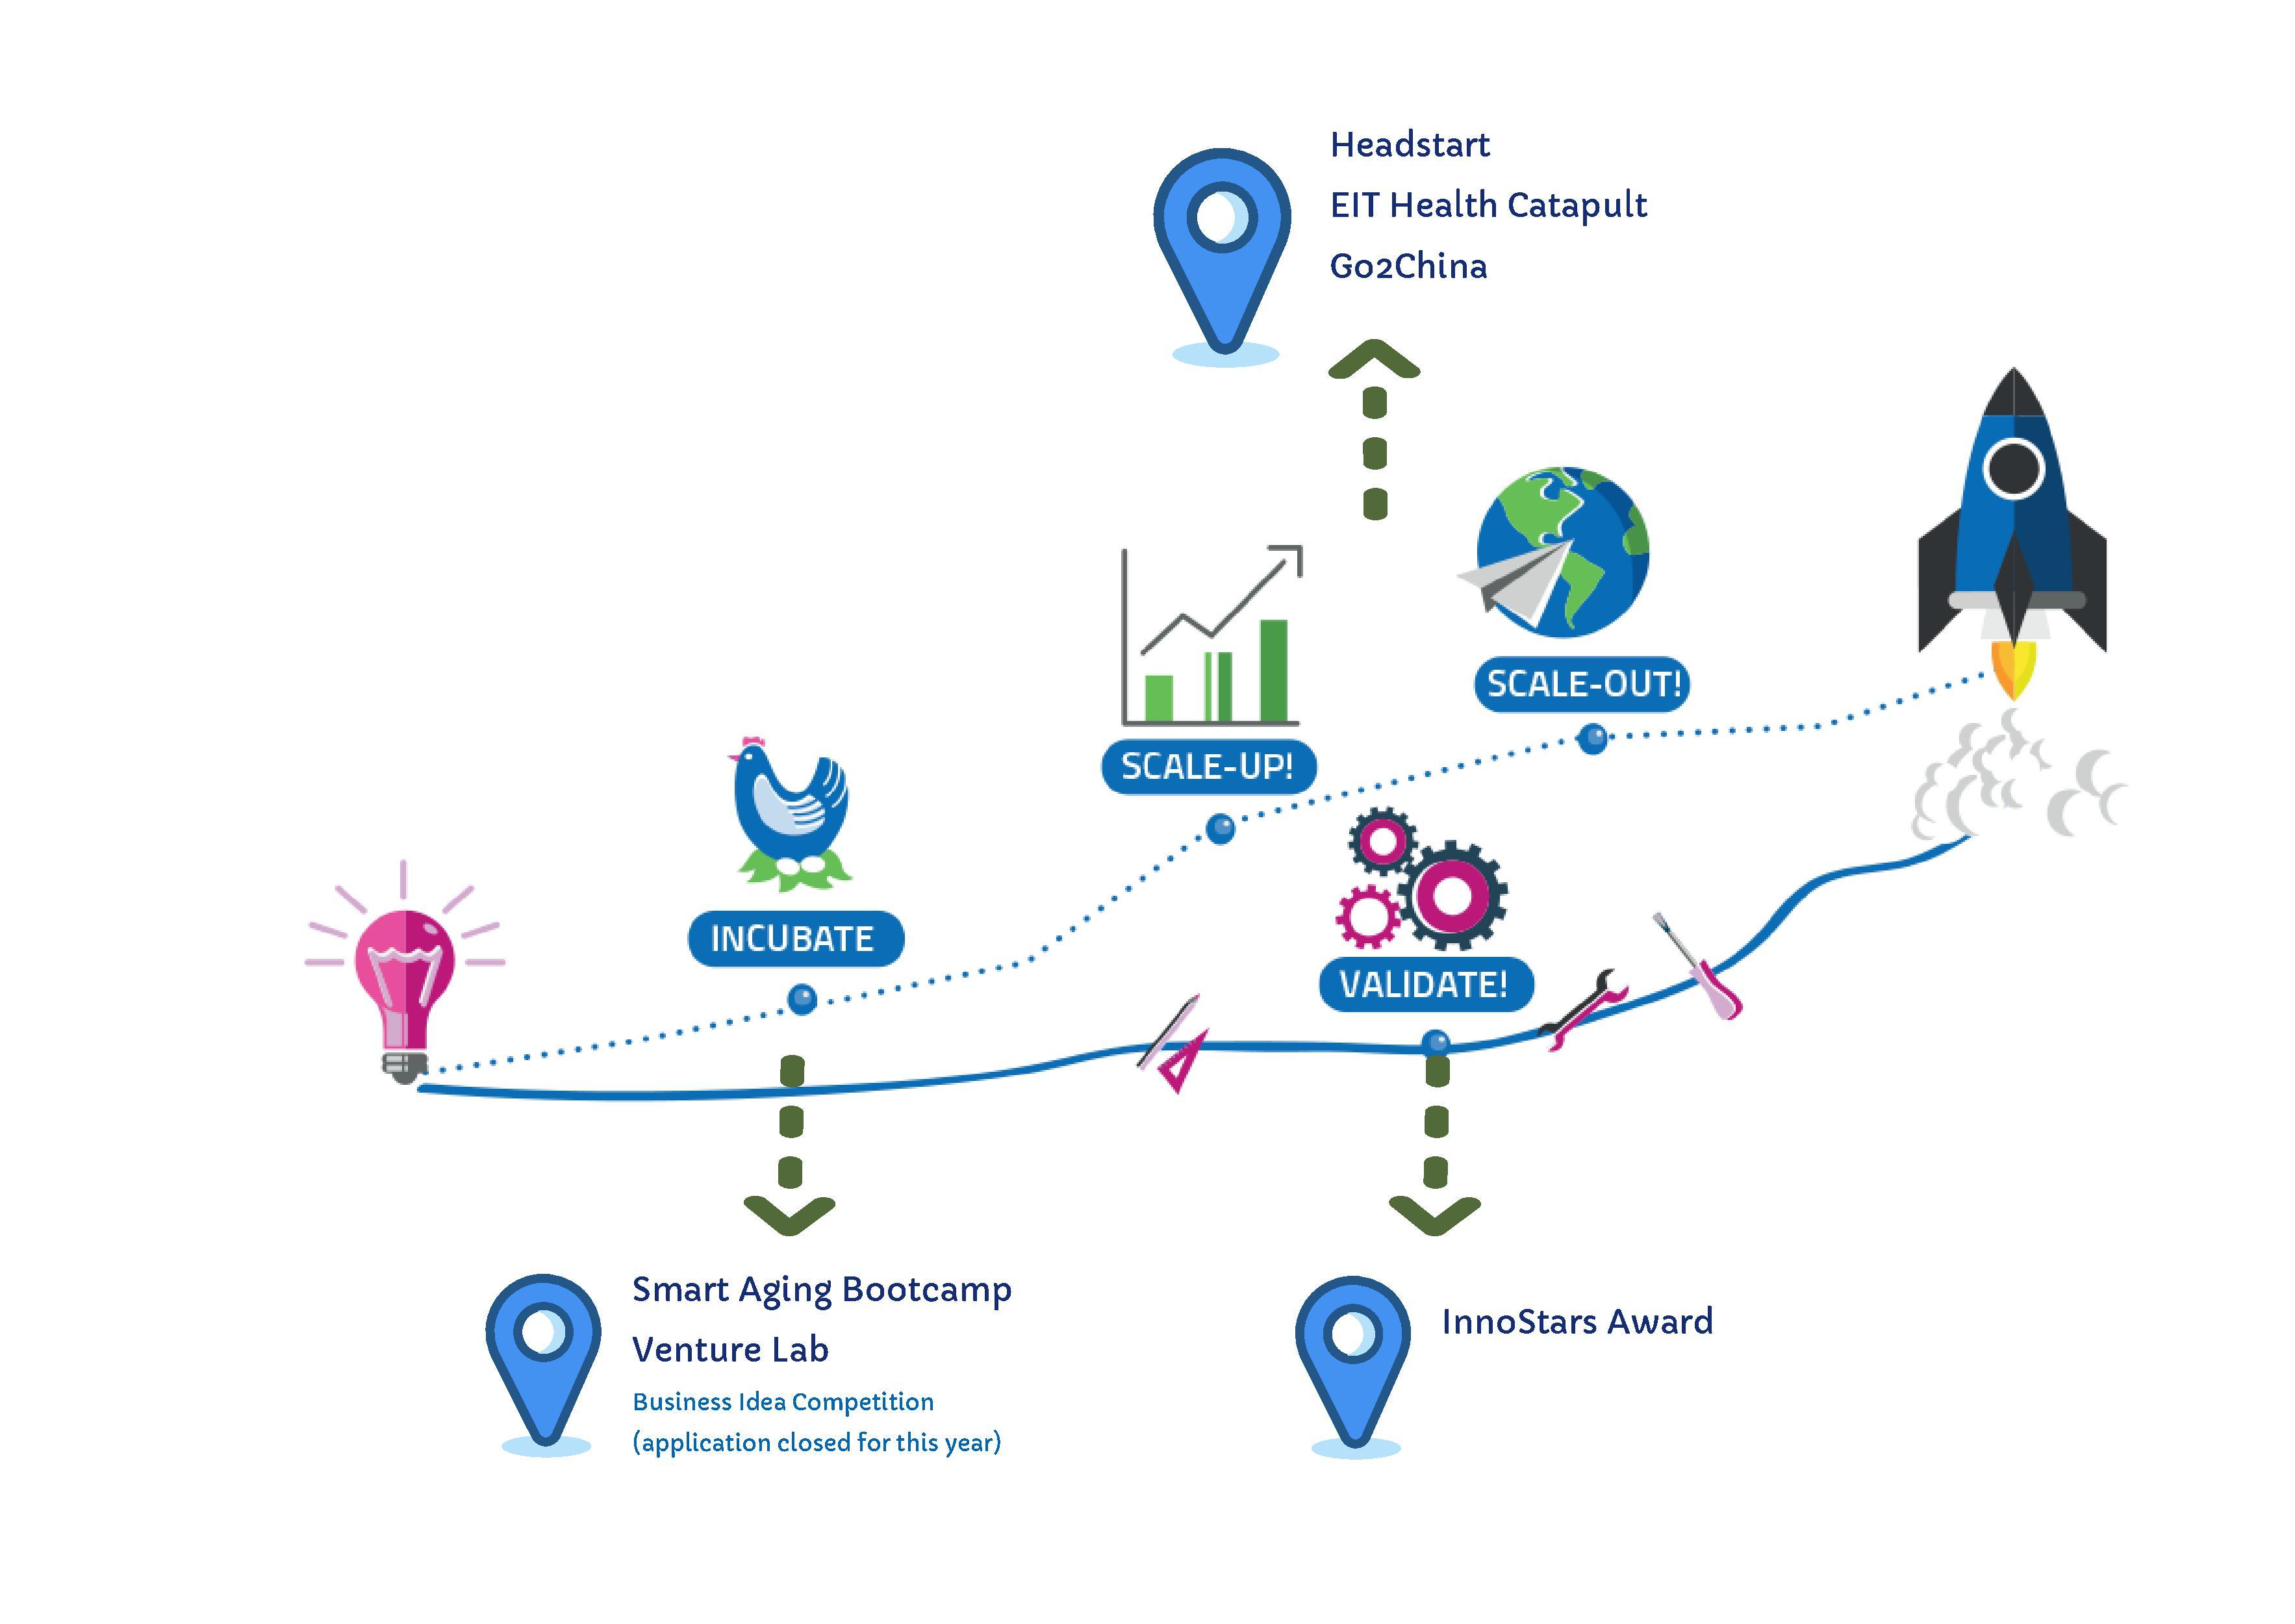 Startup-urile se mai pot înscrie la competițiile EIT Health